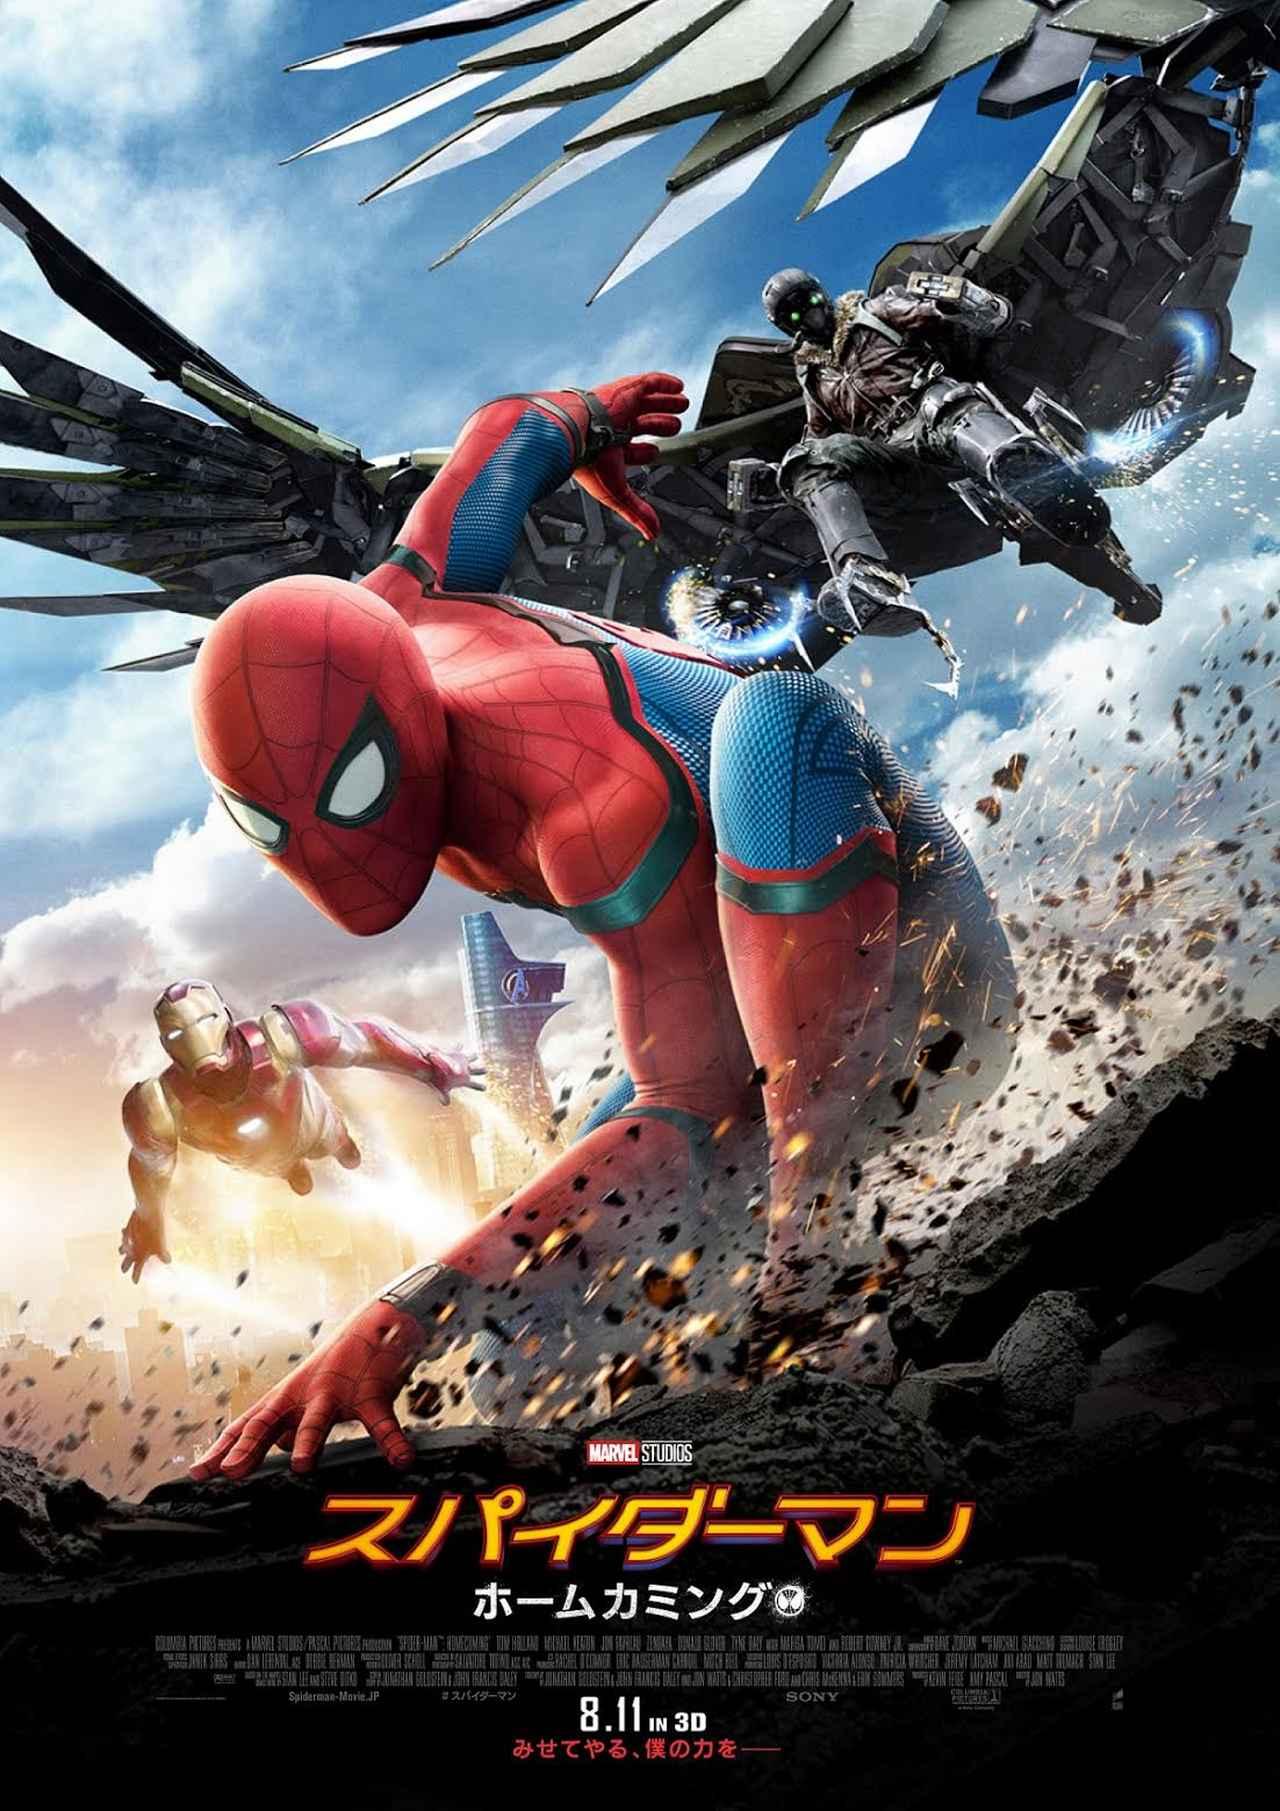 画像: 『スパイダーマン:ホームカミング』 ━━━━━━━━━━━━━━━━━━━━━━━ 監督:ジョン・ワッツ(『コップ・カー』) トム・ホランド(『シビル・ウォー/キャプテン・アメリカ』『白鯨との闘い』)、 ロバート・ダウニー・Jr.(『アイアンマン』『アベンジャーズ』)、 マリサ・トメイ(『レスラー』)、ゼンデイヤ、 トニー・レヴォロリ(『グランド・ブダペスト・ホテル』) ローラ・ハリアー、ジェイコブ・バタラン、 ©Marvel Studios 2017. ©2017 CTMG. All Rights Reserved. 2017年8月11日(祝・金)全国ロードショー。 2017年7月7日全米公開。